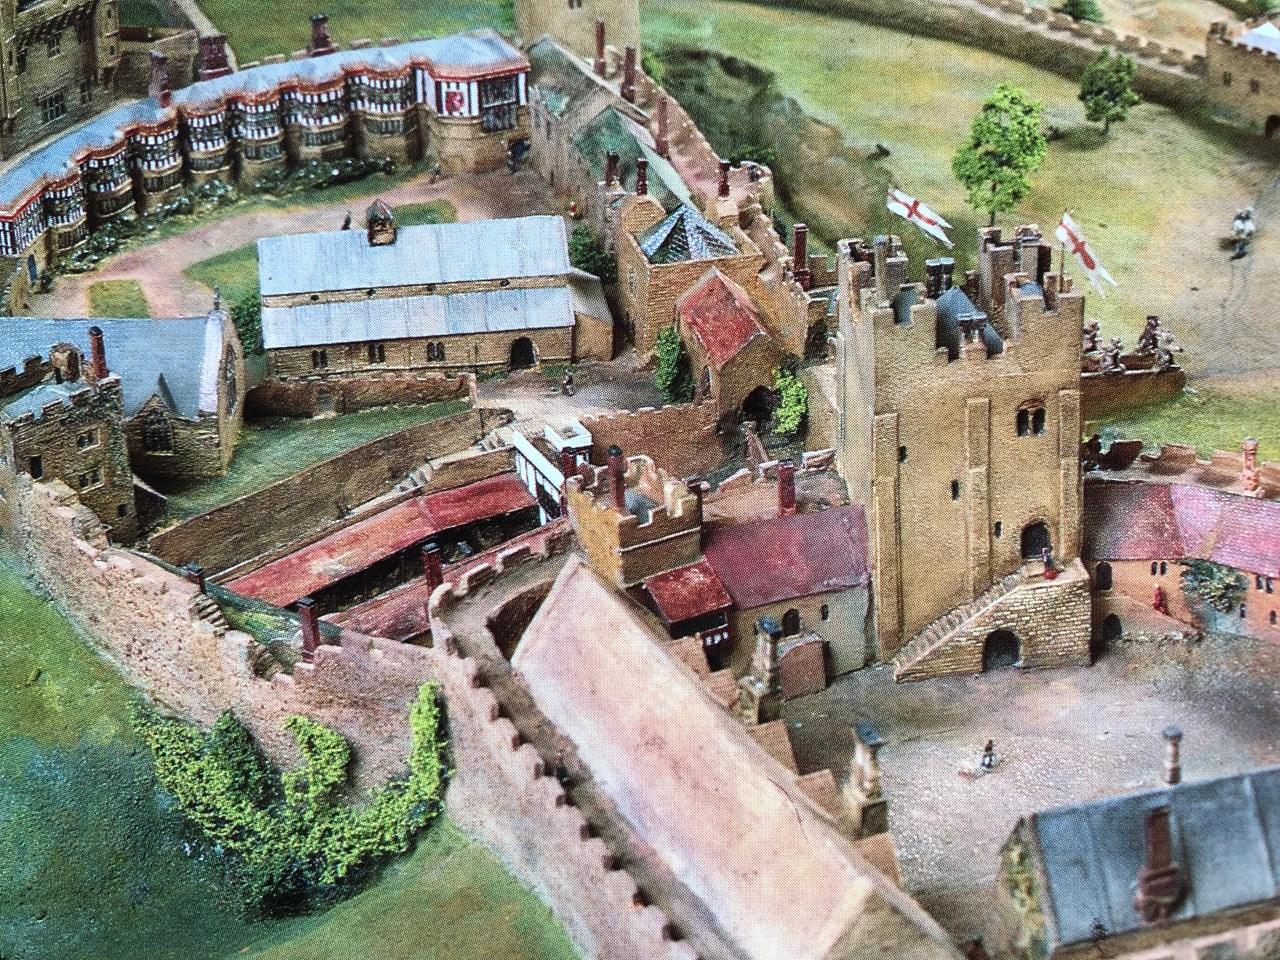 Model of Nottingham castle c.1500